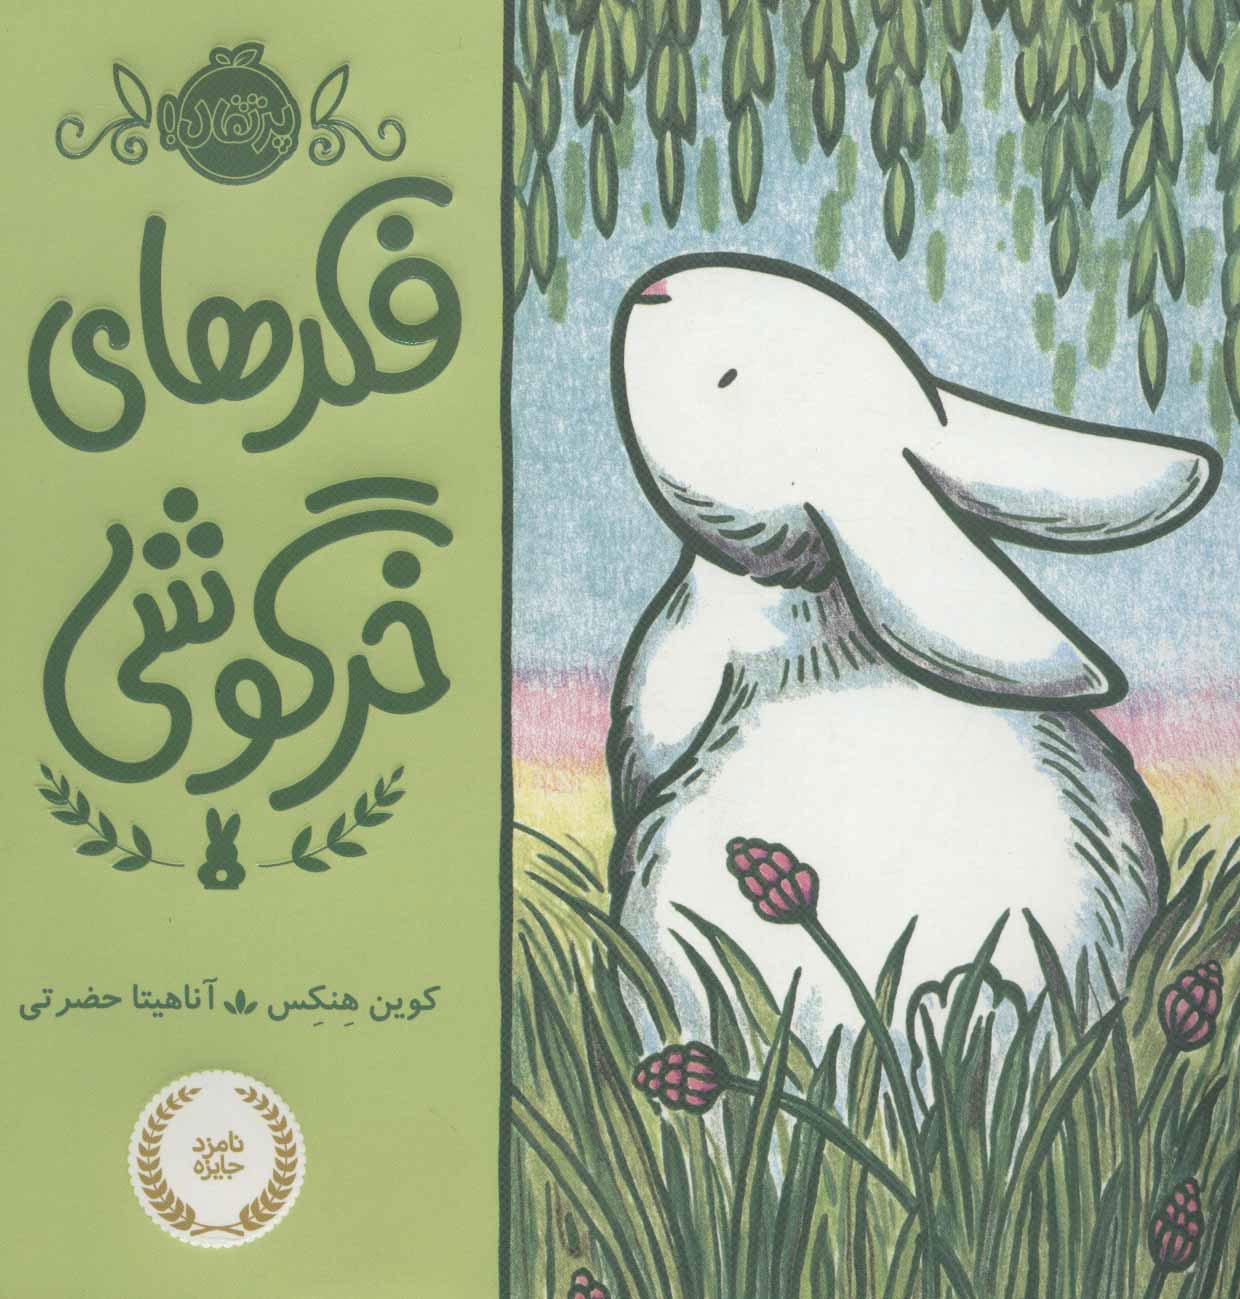 کتاب فکرهای خرگوشی